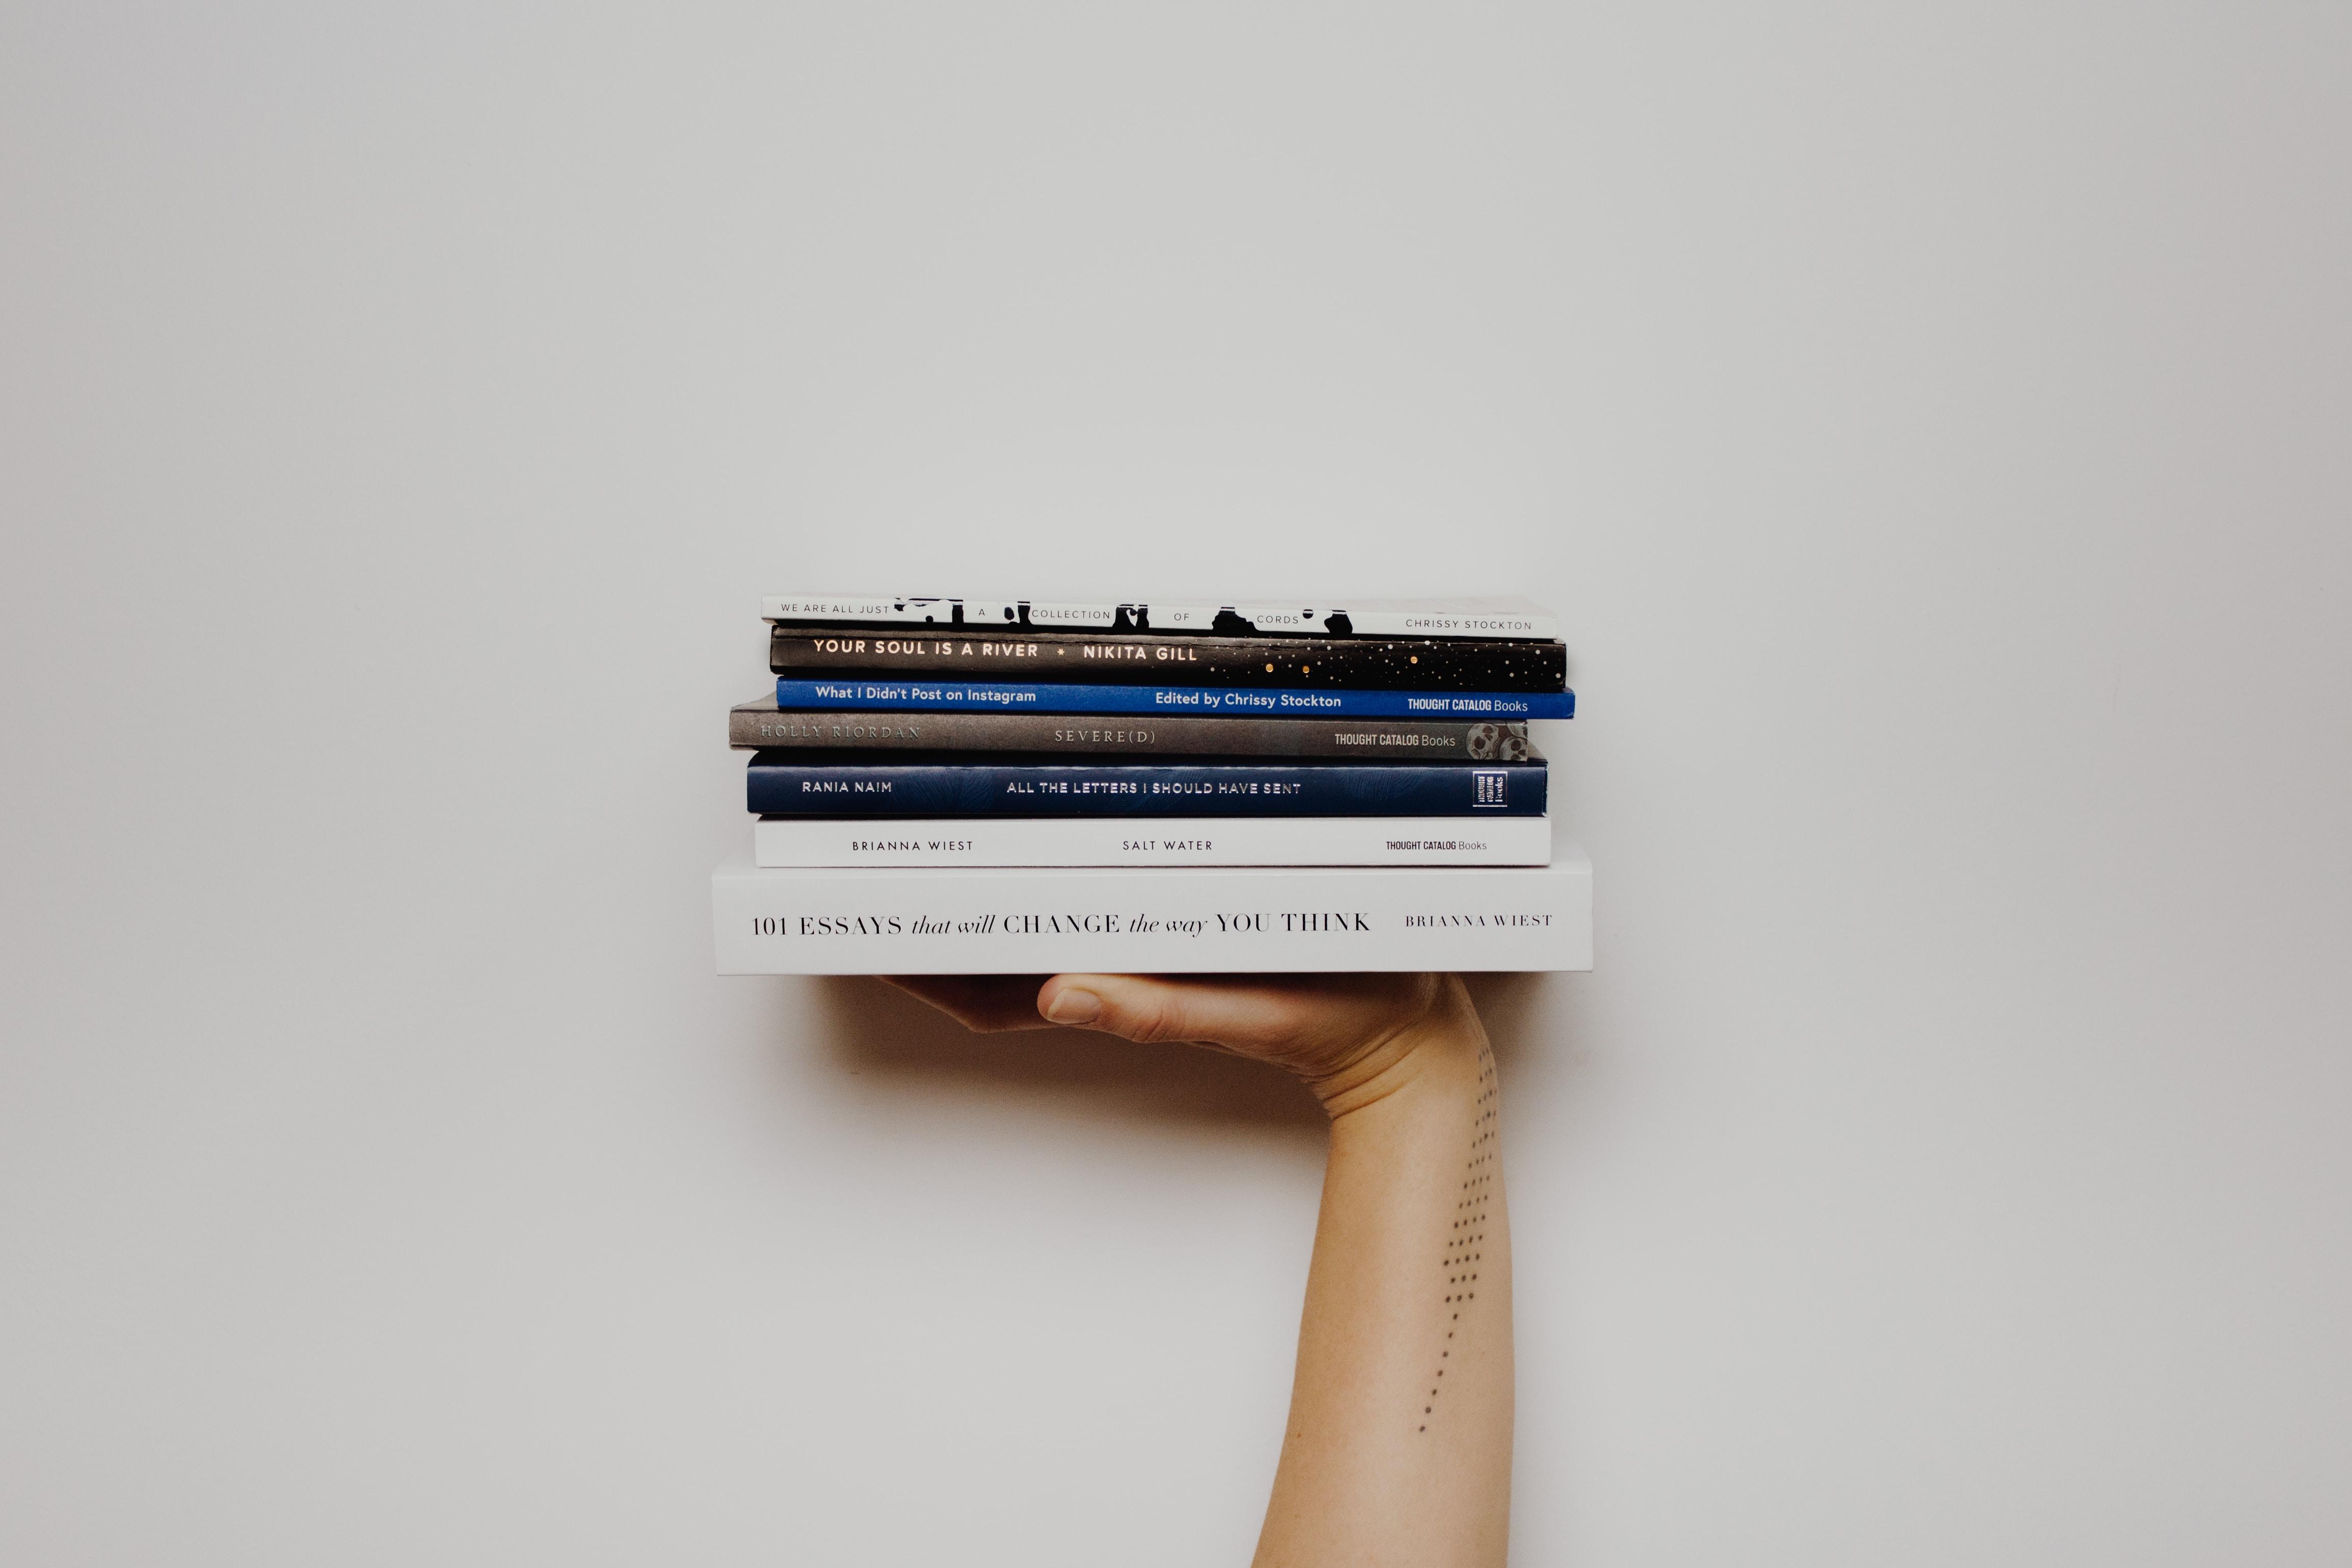 Pubblicare un libro – 1. Meglio il Self-publishing oppure 2. Crowdfunding?